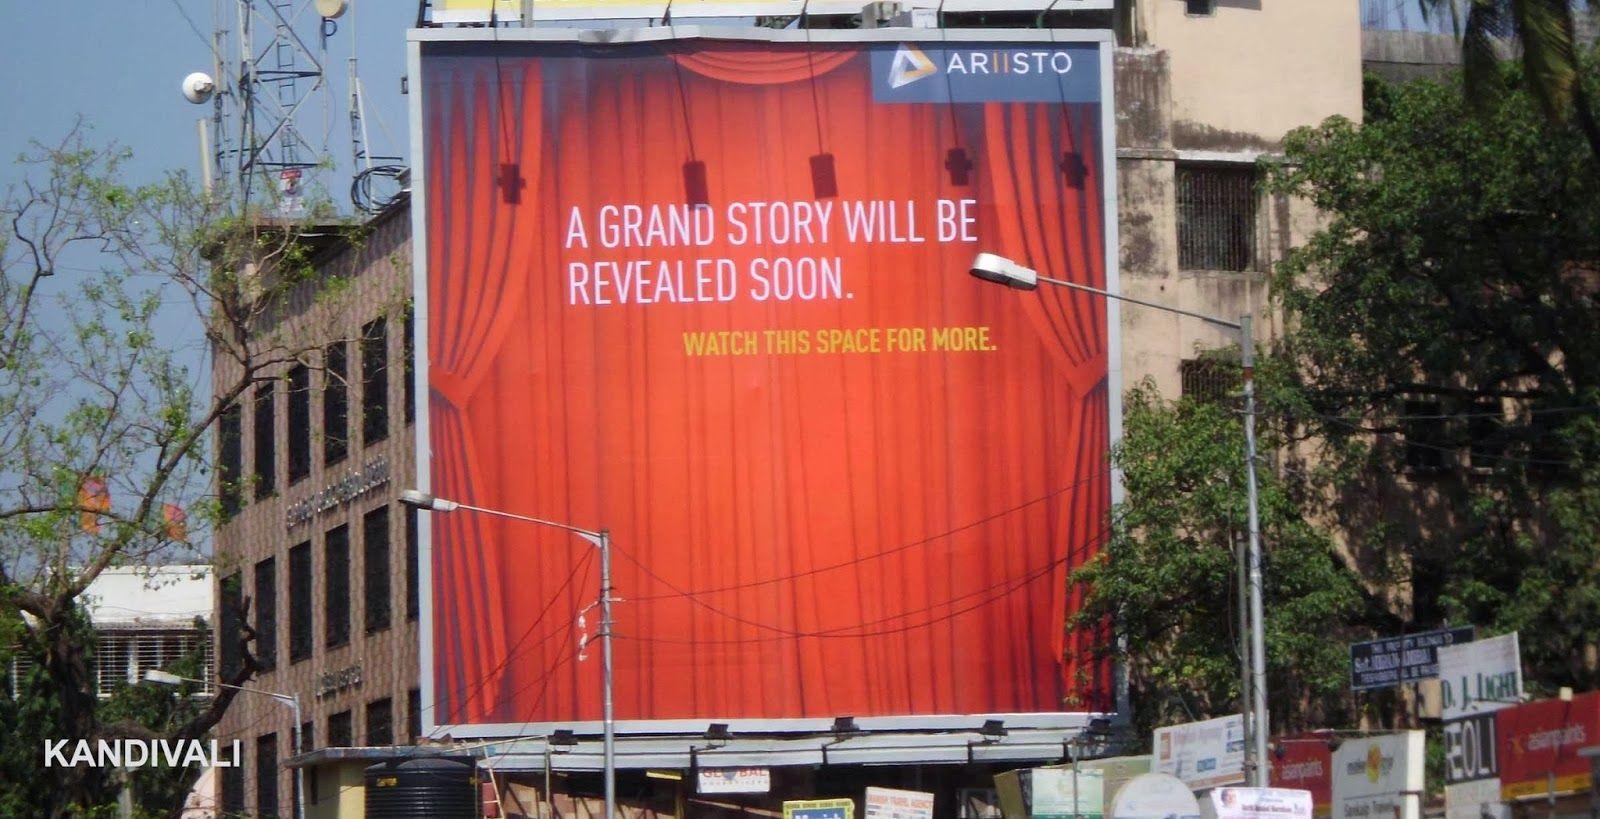 Real estate billboard design samples - Image Result For Real Estate Teaser Ads